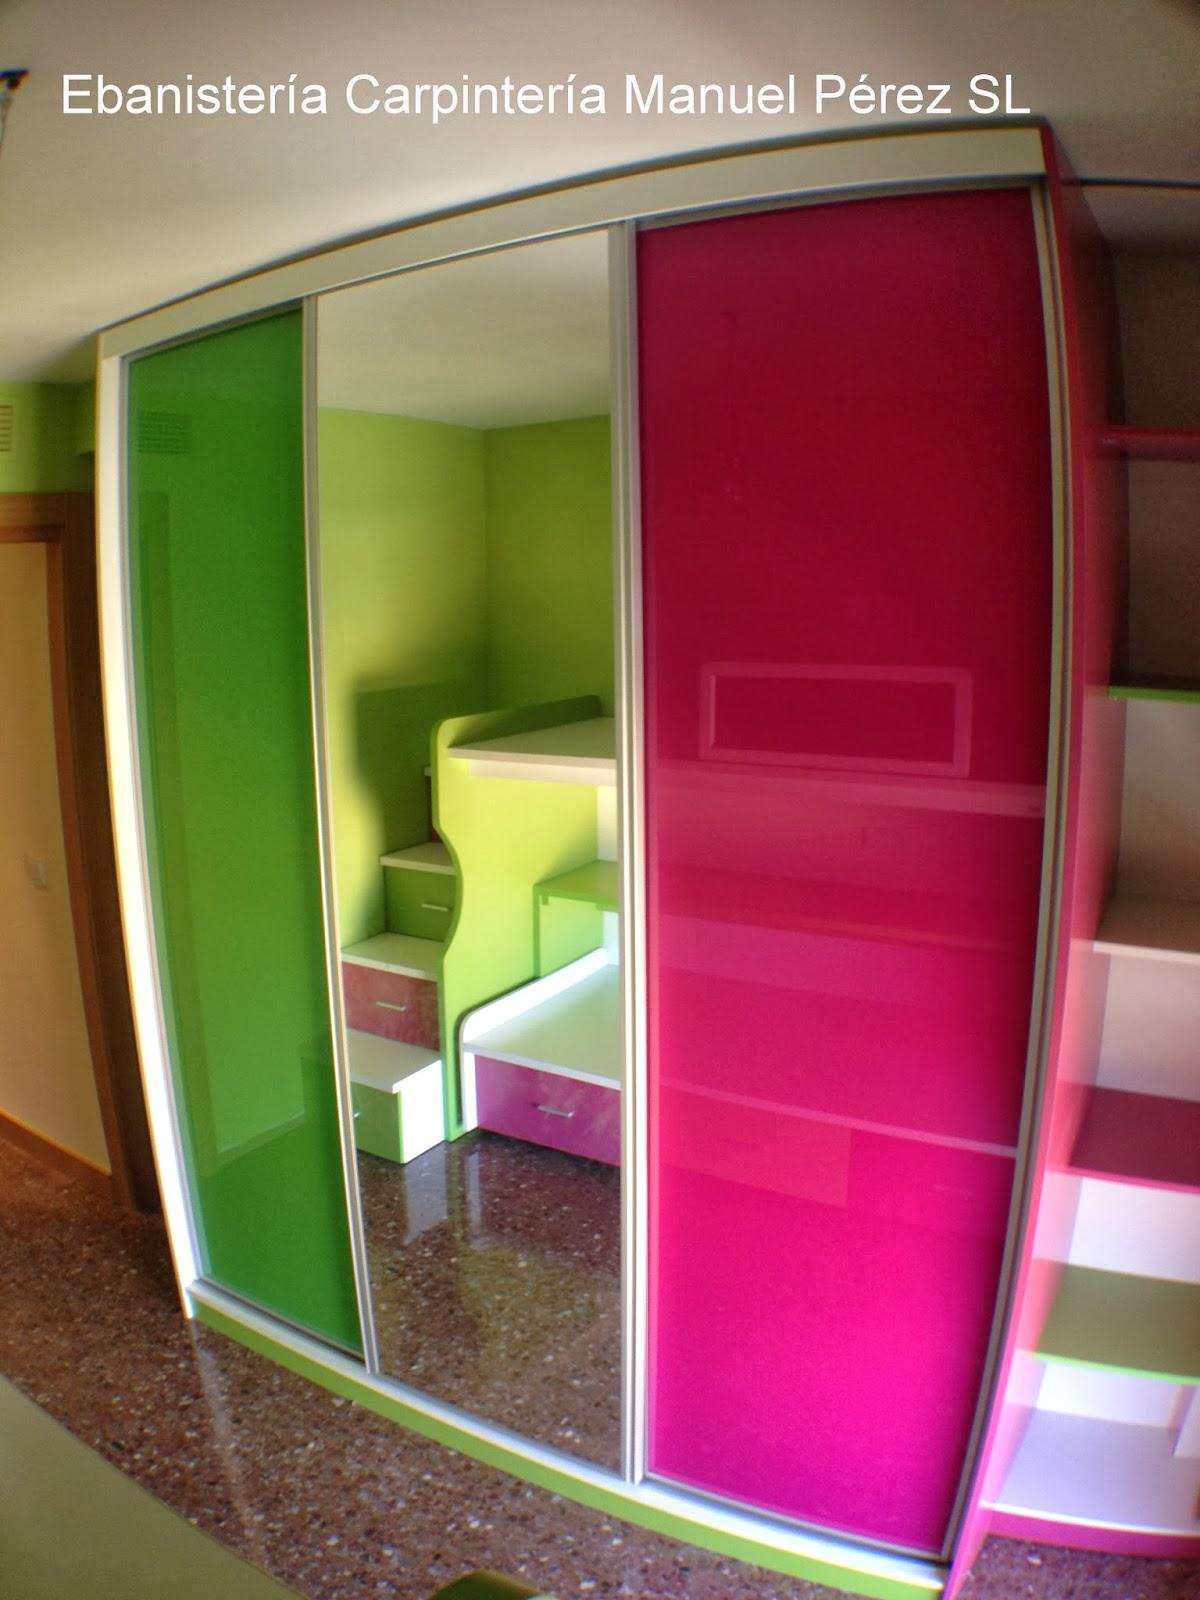 Ebanisteria carpinteria manuel perez zaragoza enero 2014 - Armarios con espejo para dormitorio ...